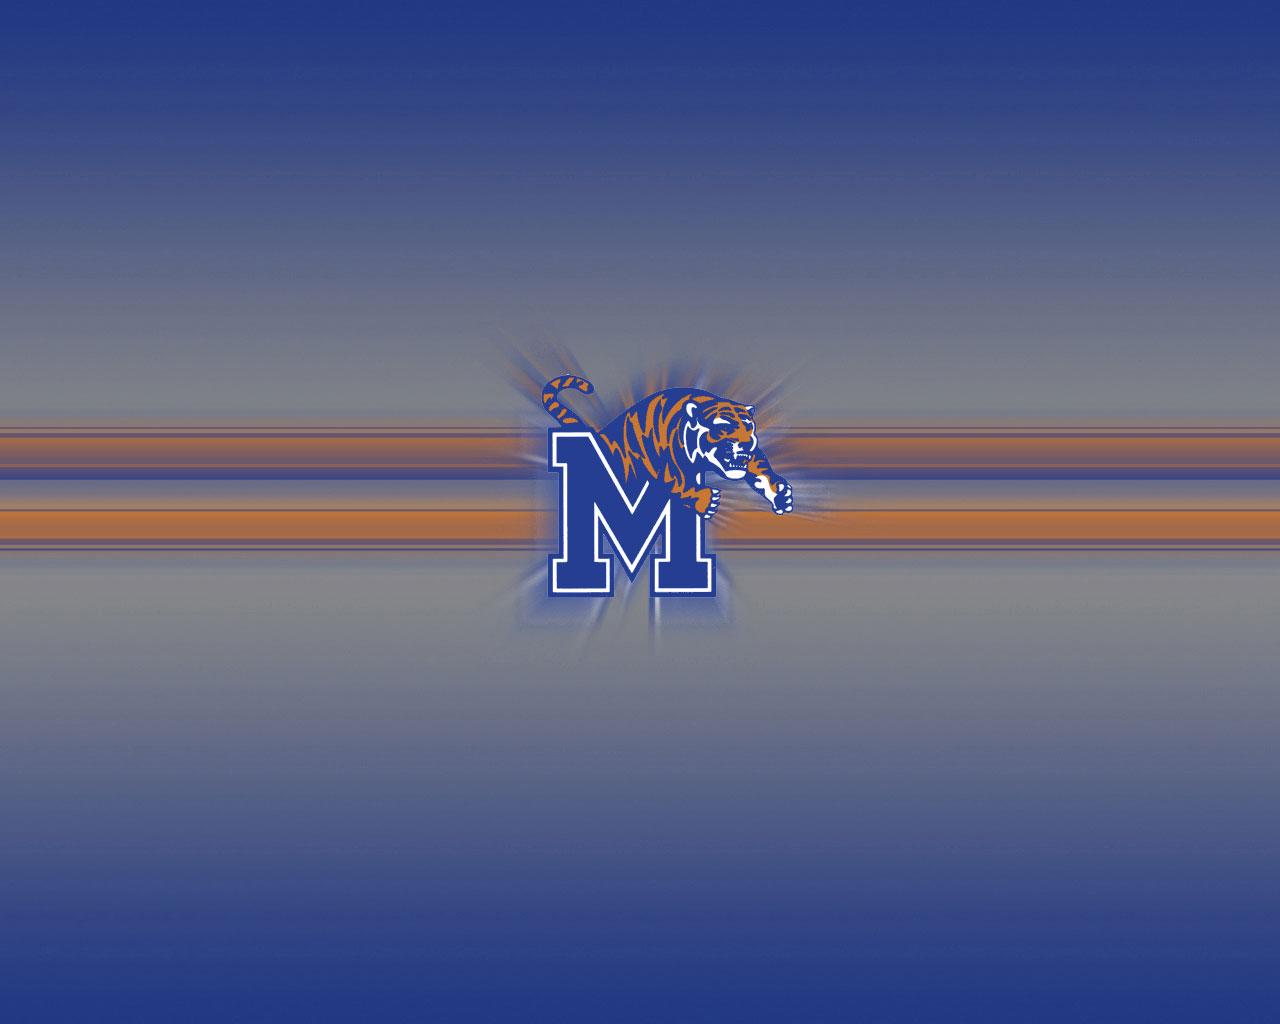 Memphis Tigers Wallpaper